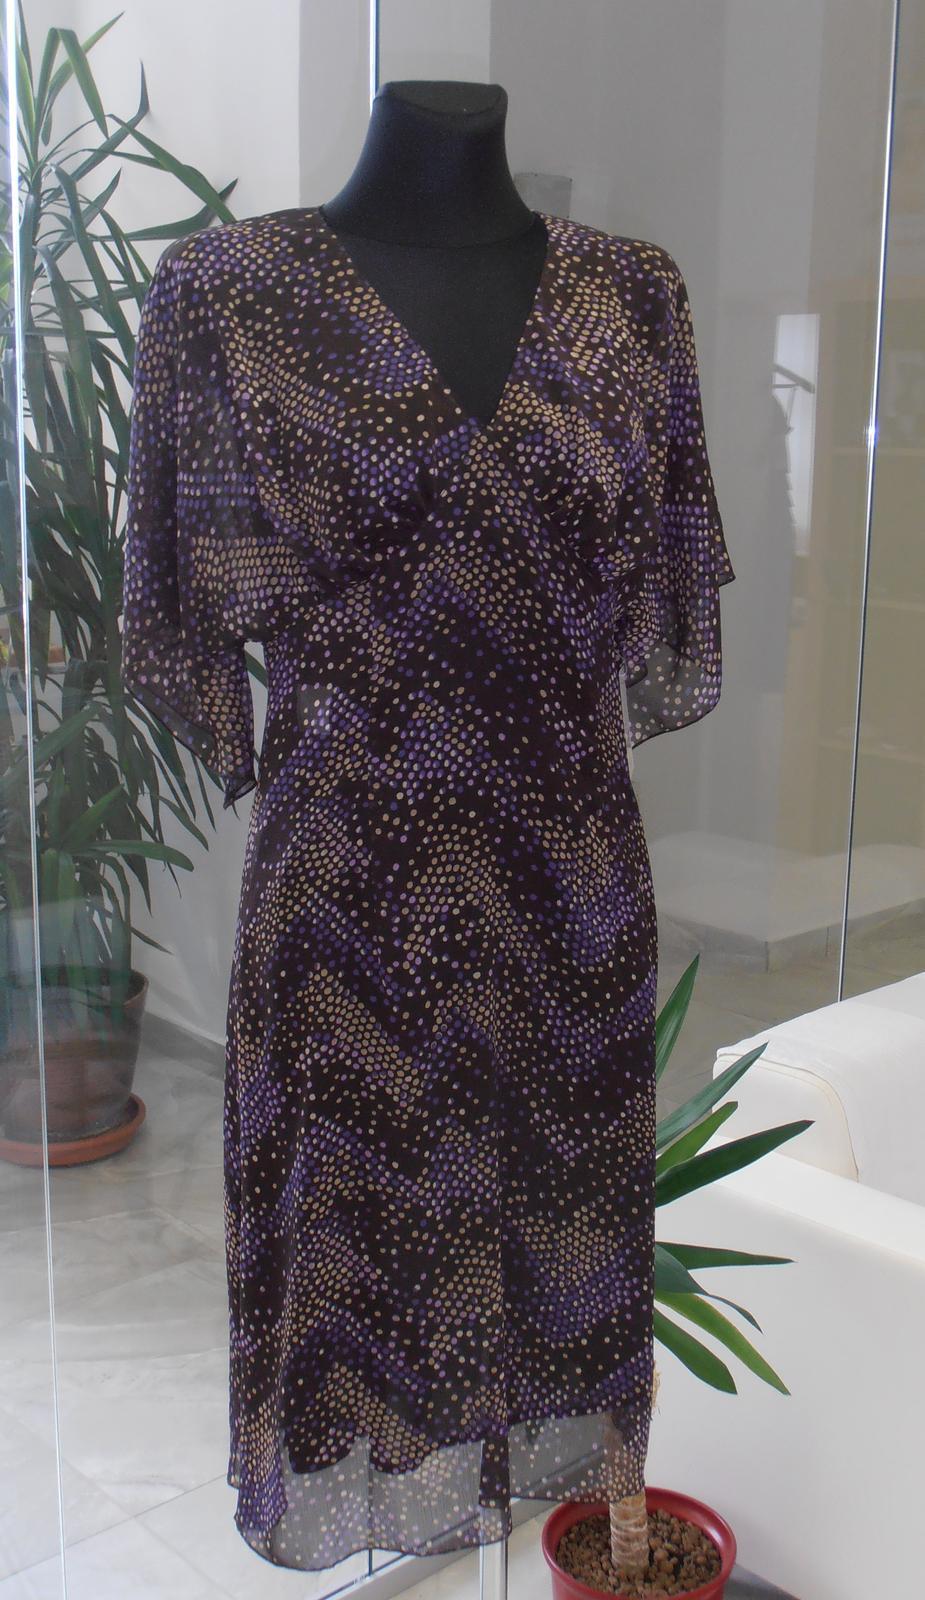 Hnedo - fialové šaty  - Obrázok č. 1